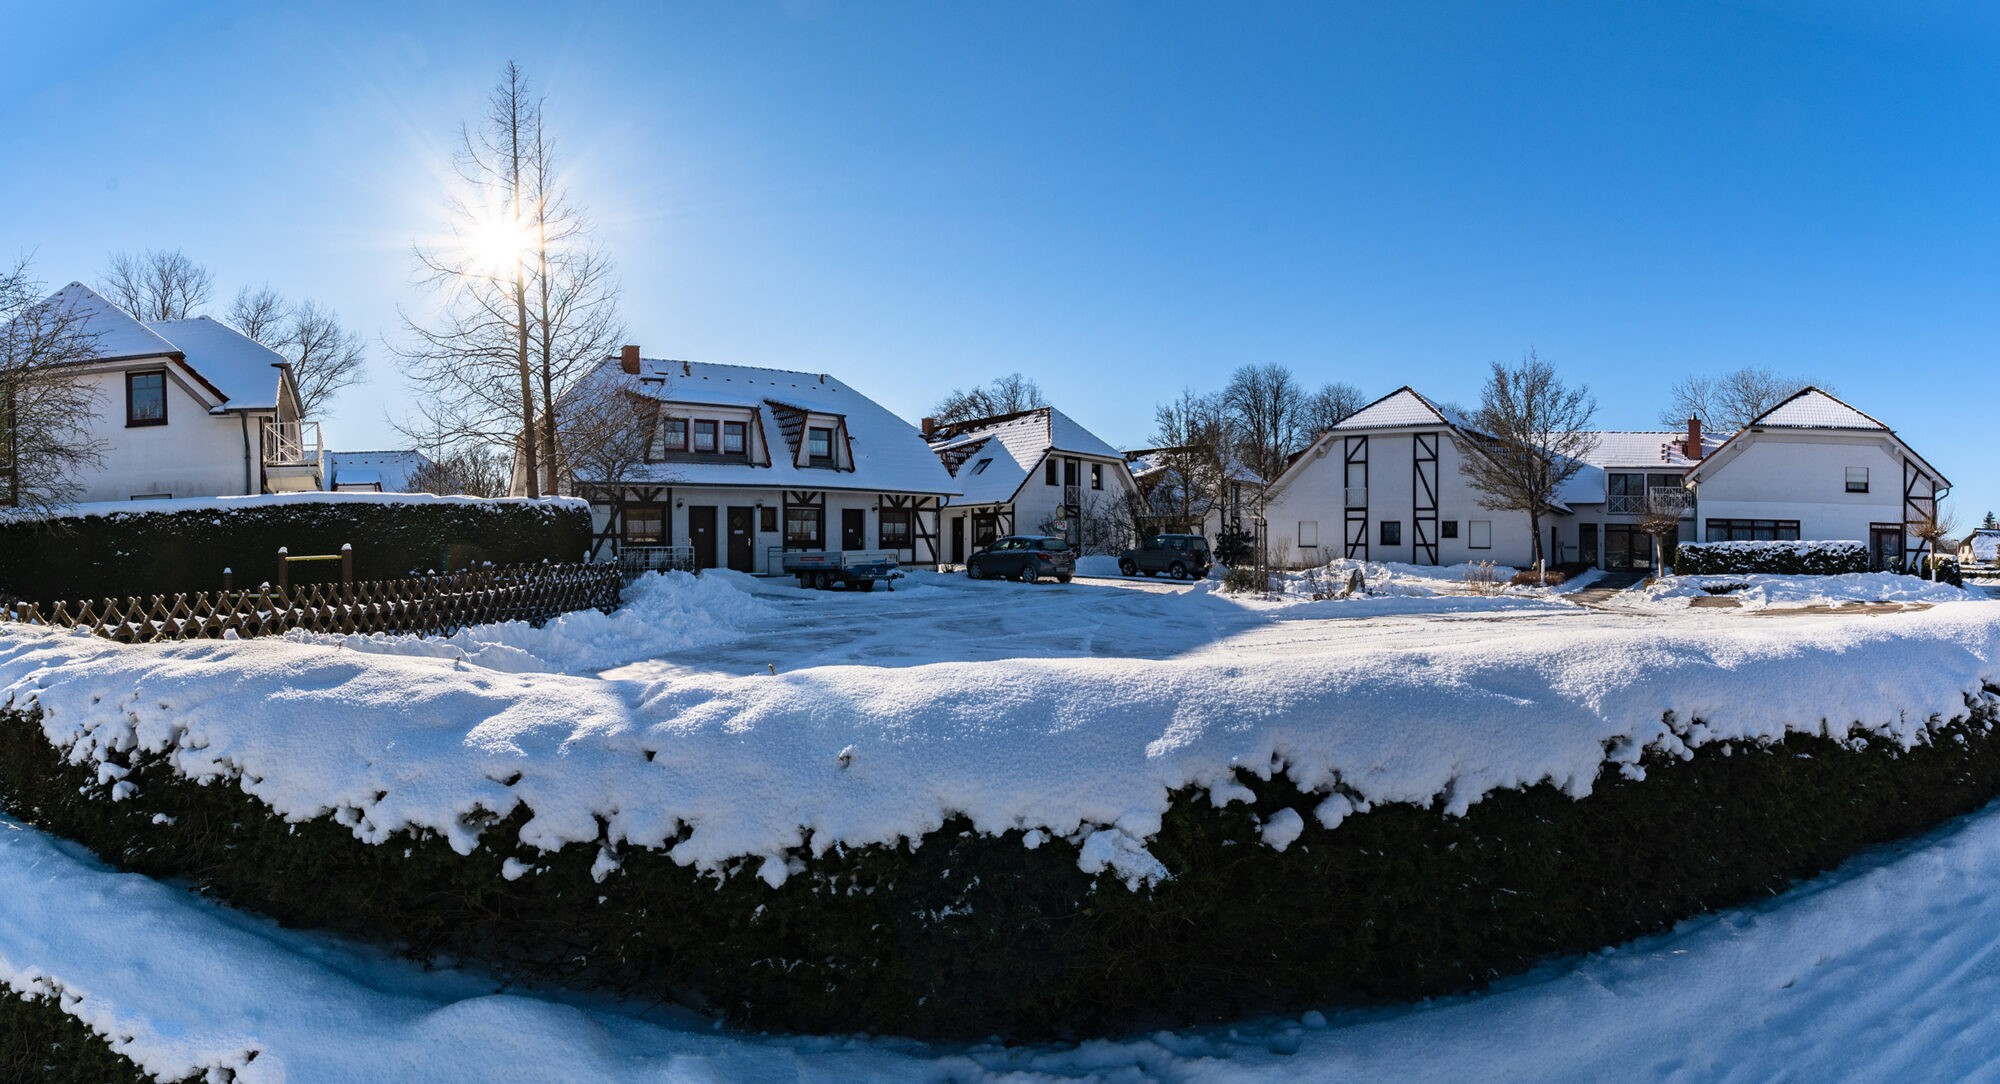 Fotoshooting - Außenaufnahmen Winter